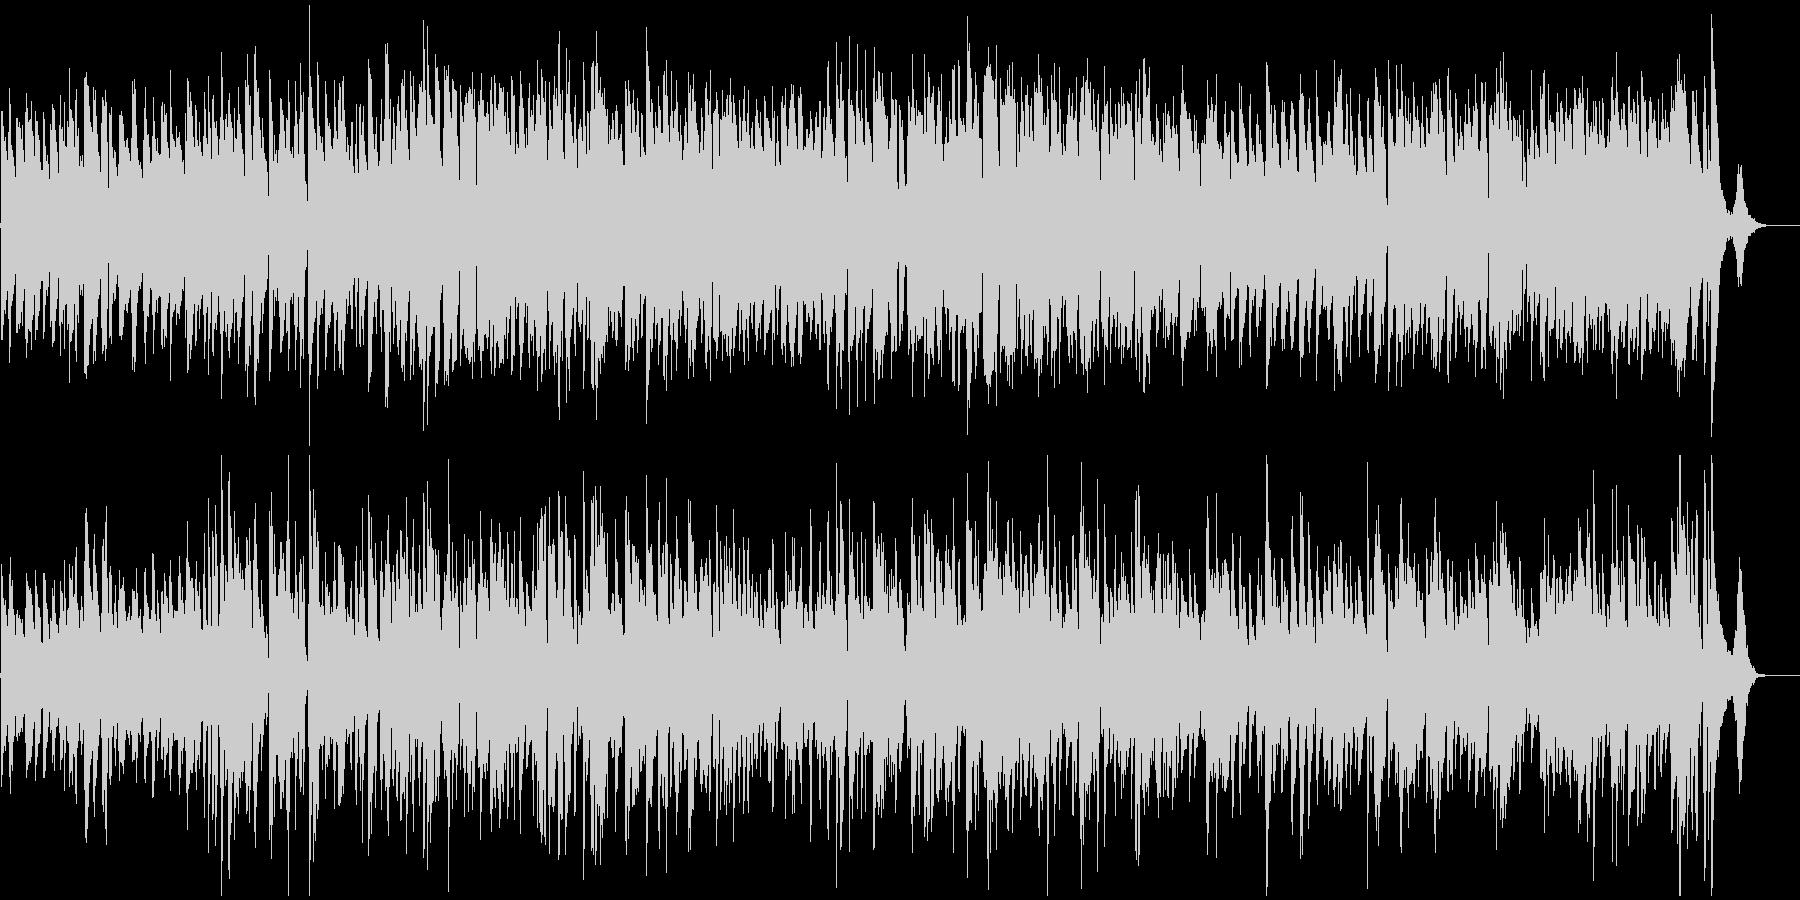 ジャズギターカルテットの未再生の波形